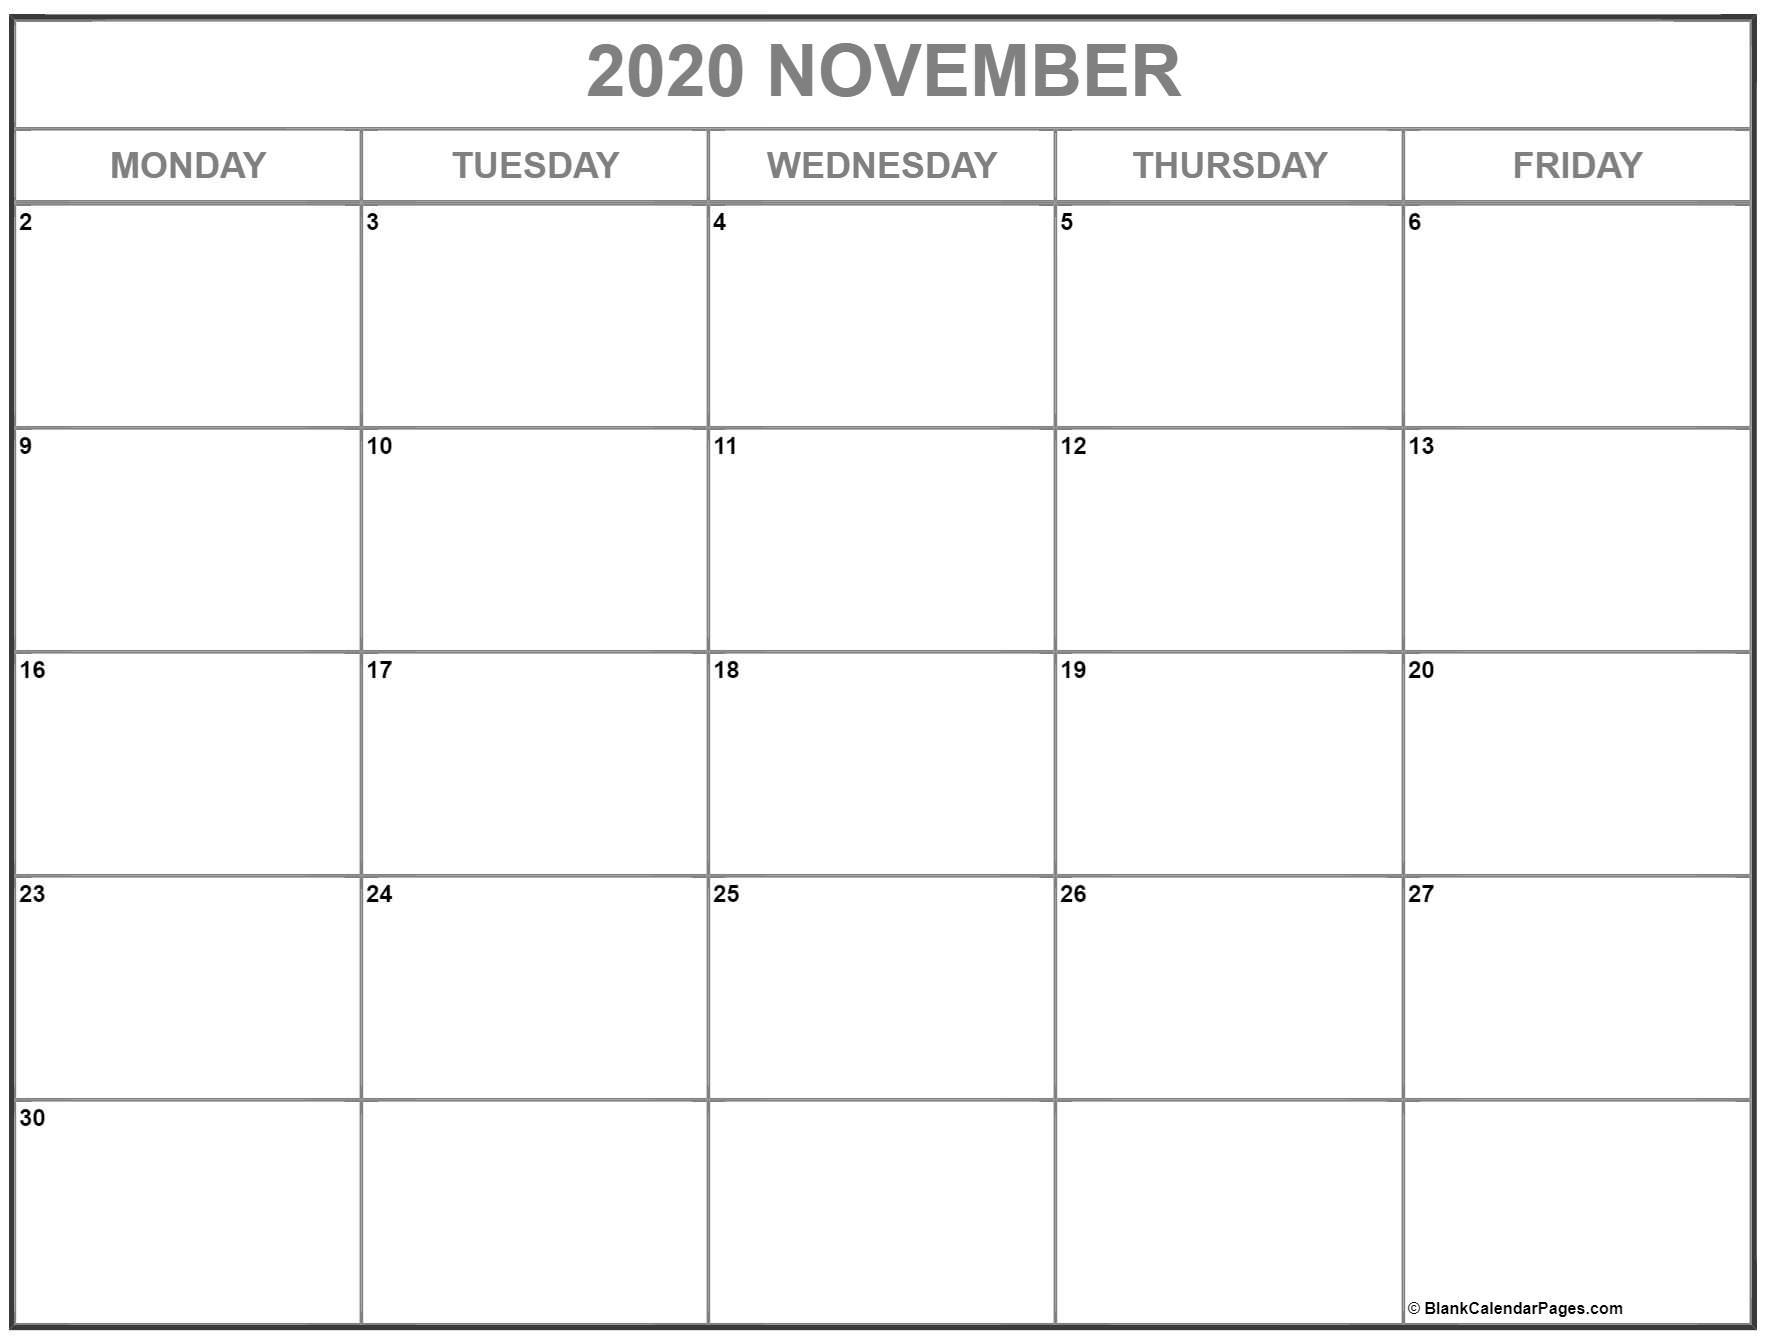 Printable Weekly Calendar Monday Through Friday | Ten Free Printable Calendar 2020-2021 November 2021 Calendar Starting Monday